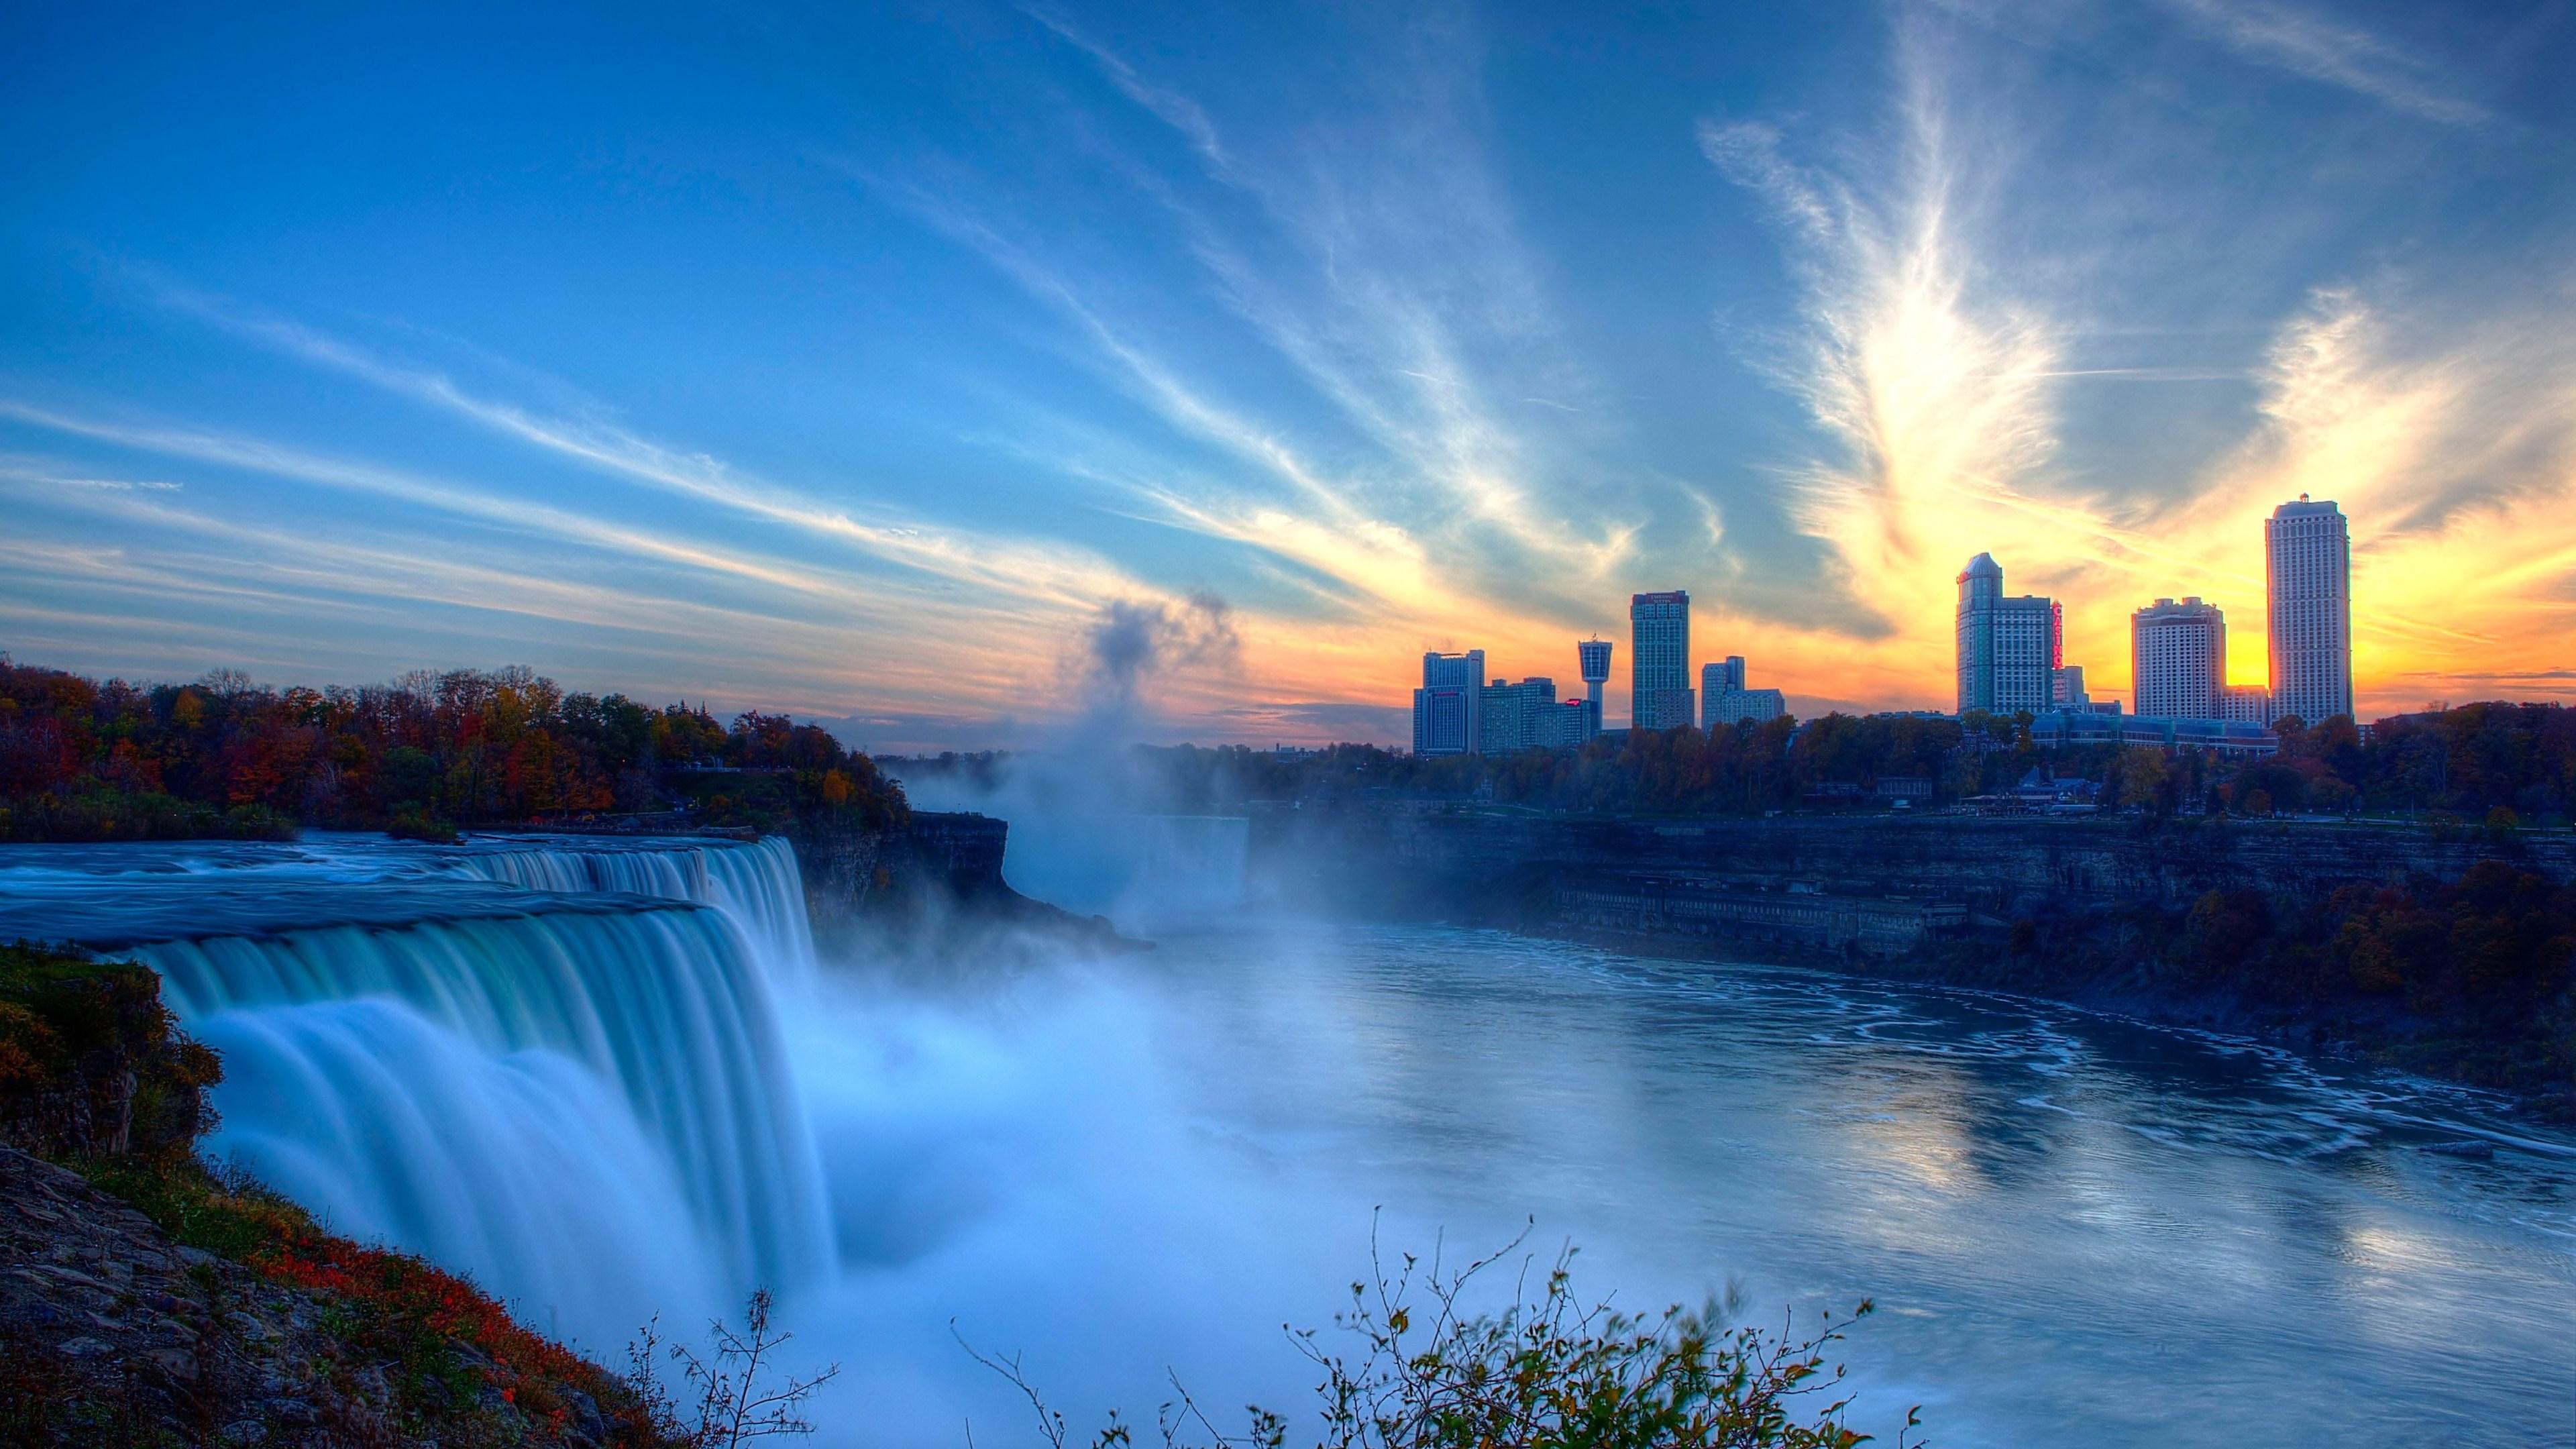 Niagara Falls 4k Ultra Hd Wallpaper 3840x2160 340x220